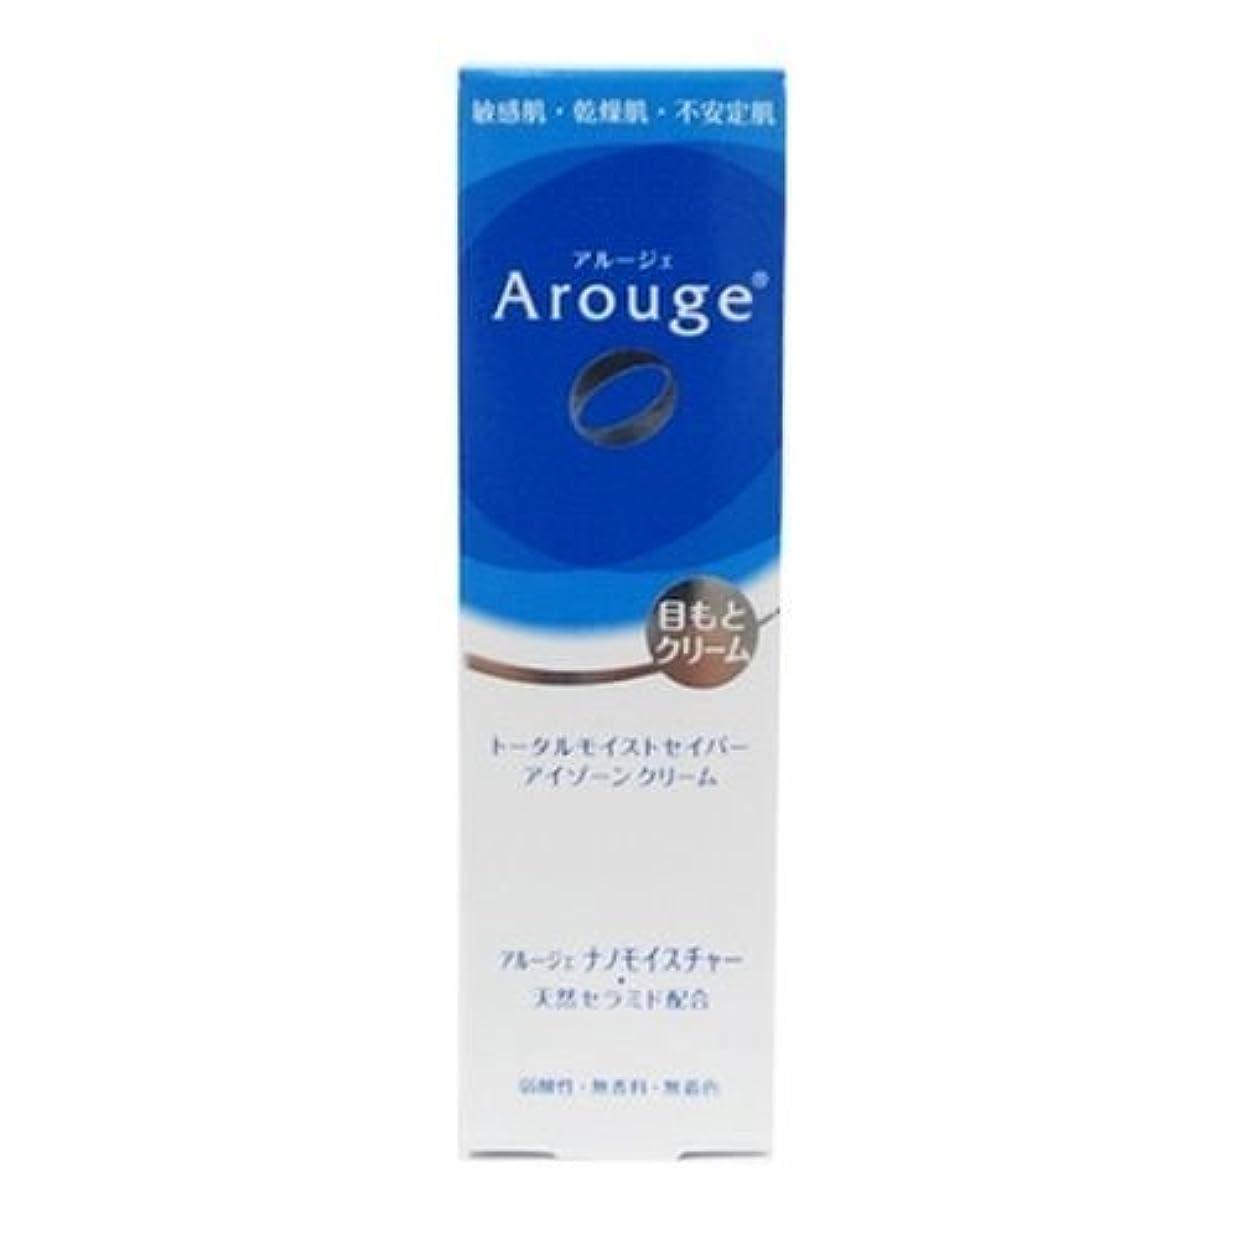 ハンカチラインナップ政治的アルージェ(Arouge)トータルモイストセイバー アイゾーンクリーム 15g